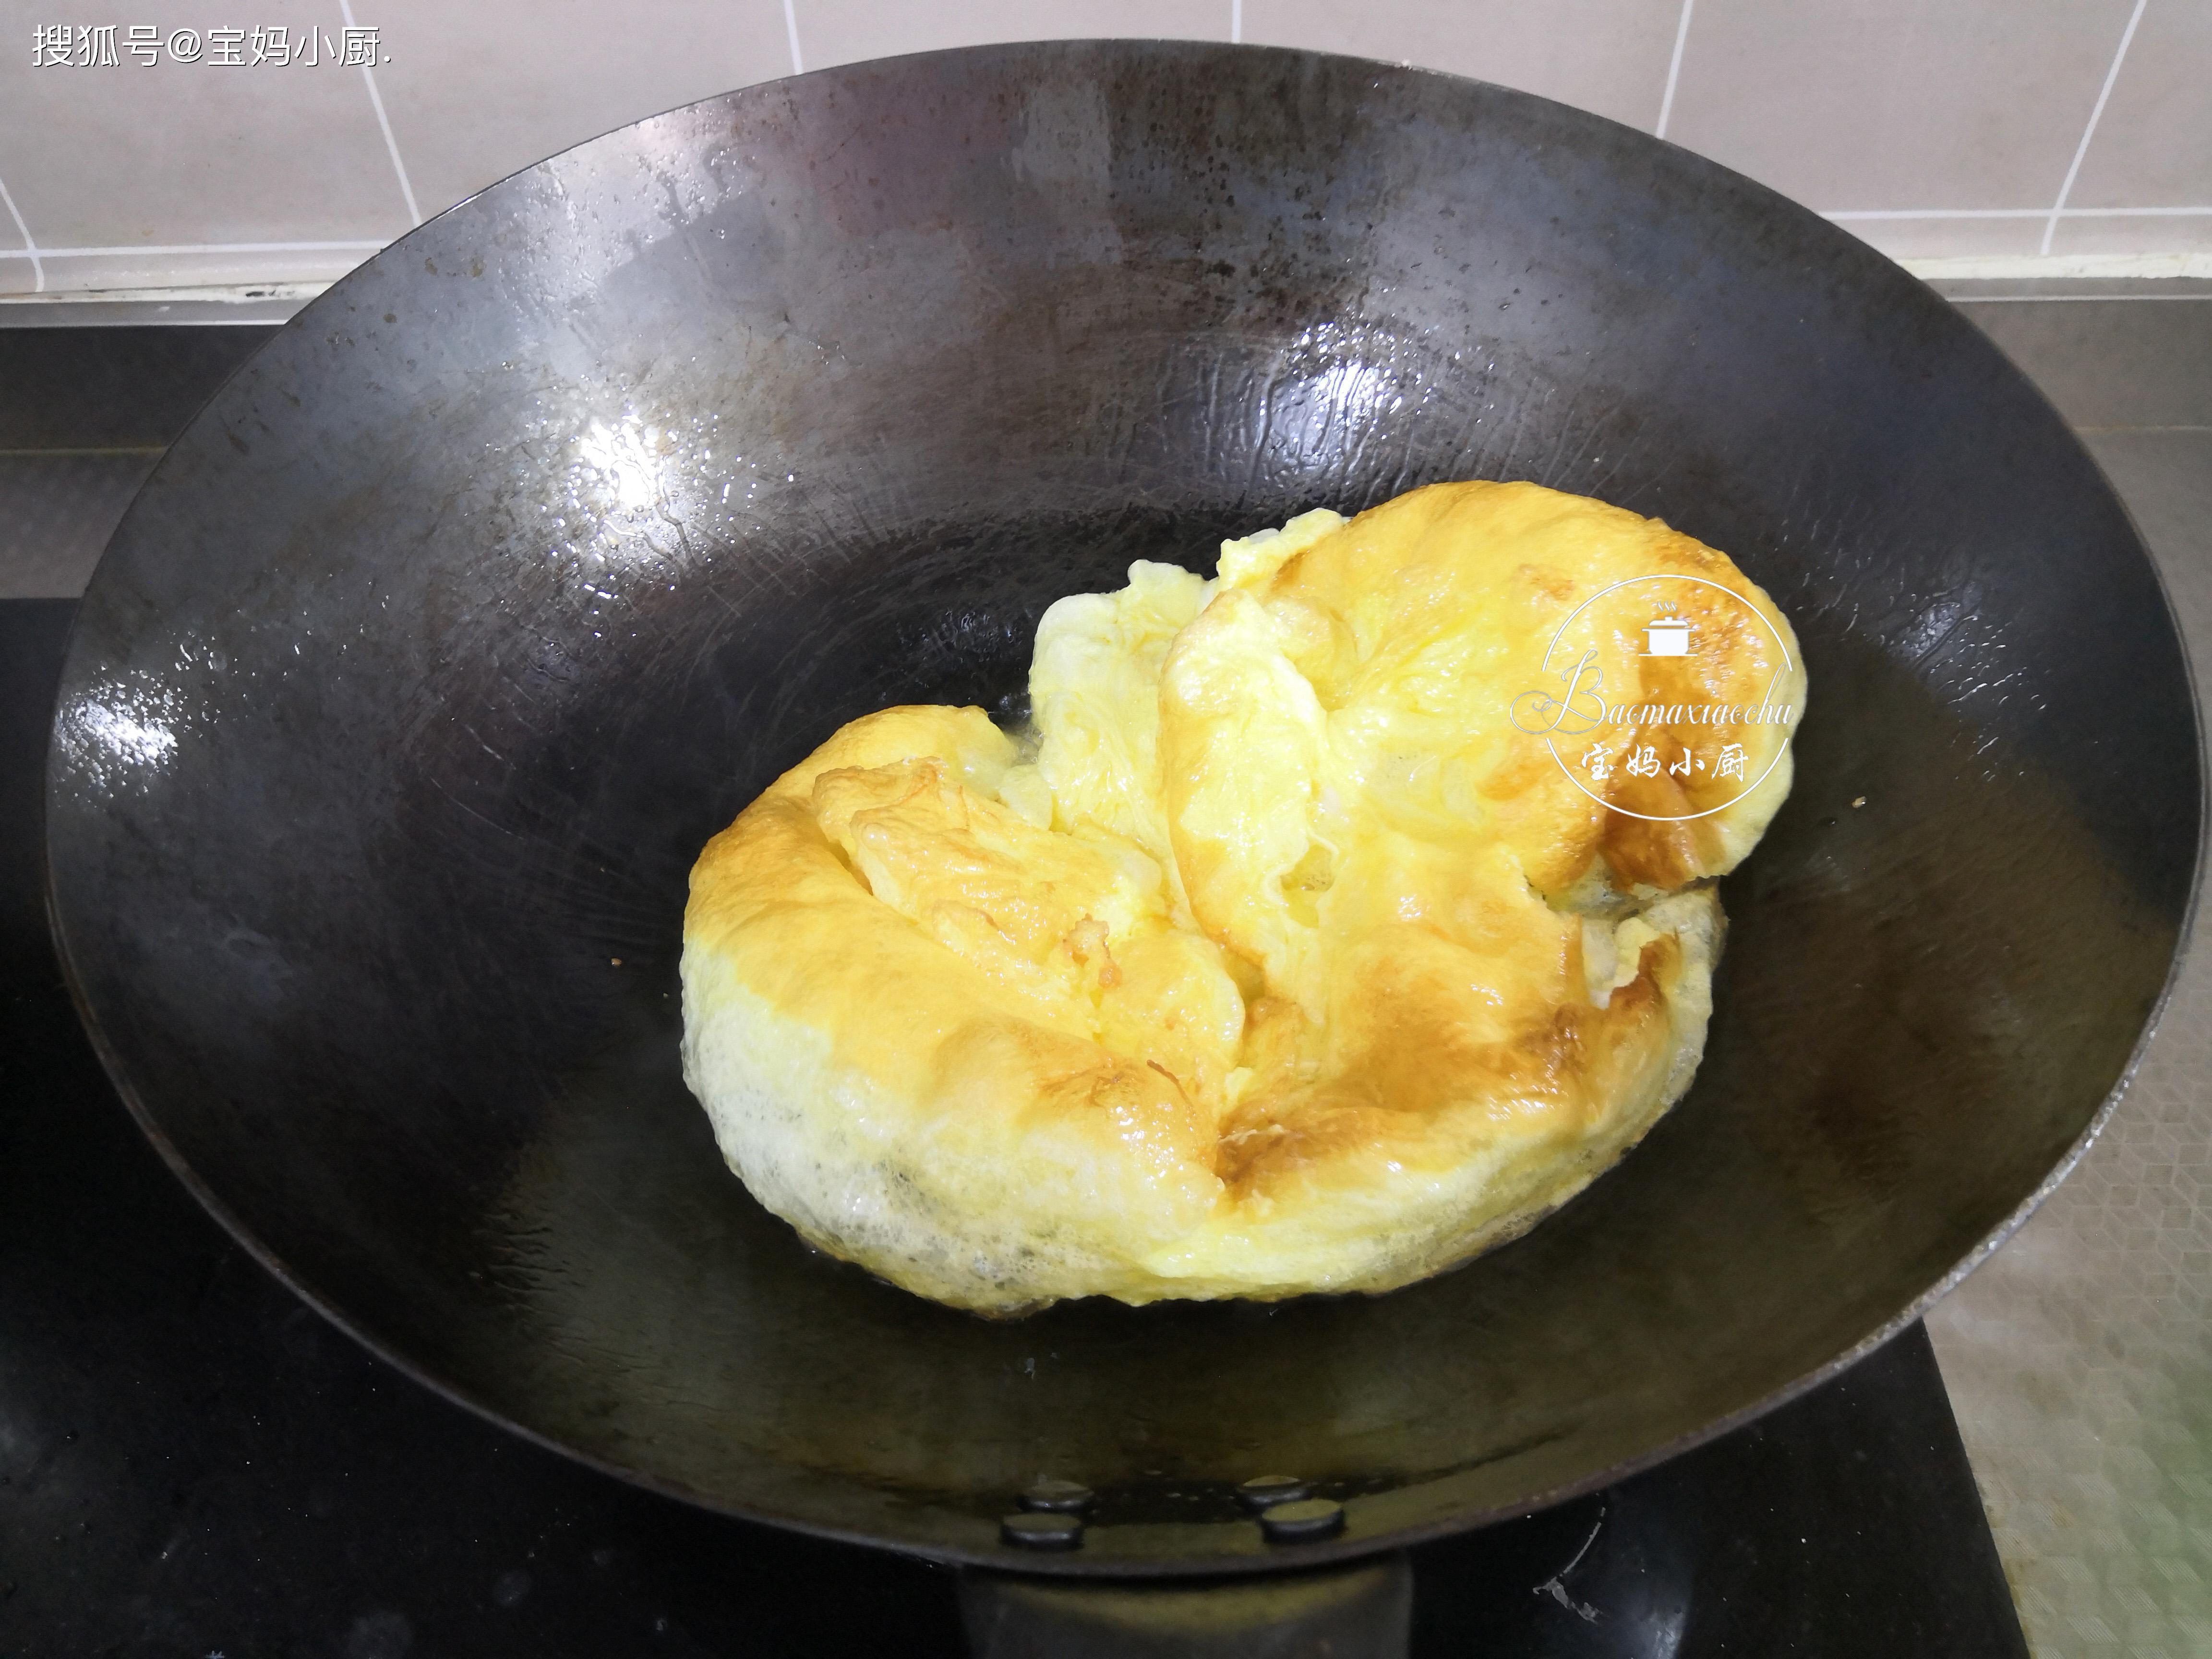 早餐面条的百吃不厌做法,有菜有蛋营养一锅出,一上午都精力充沛